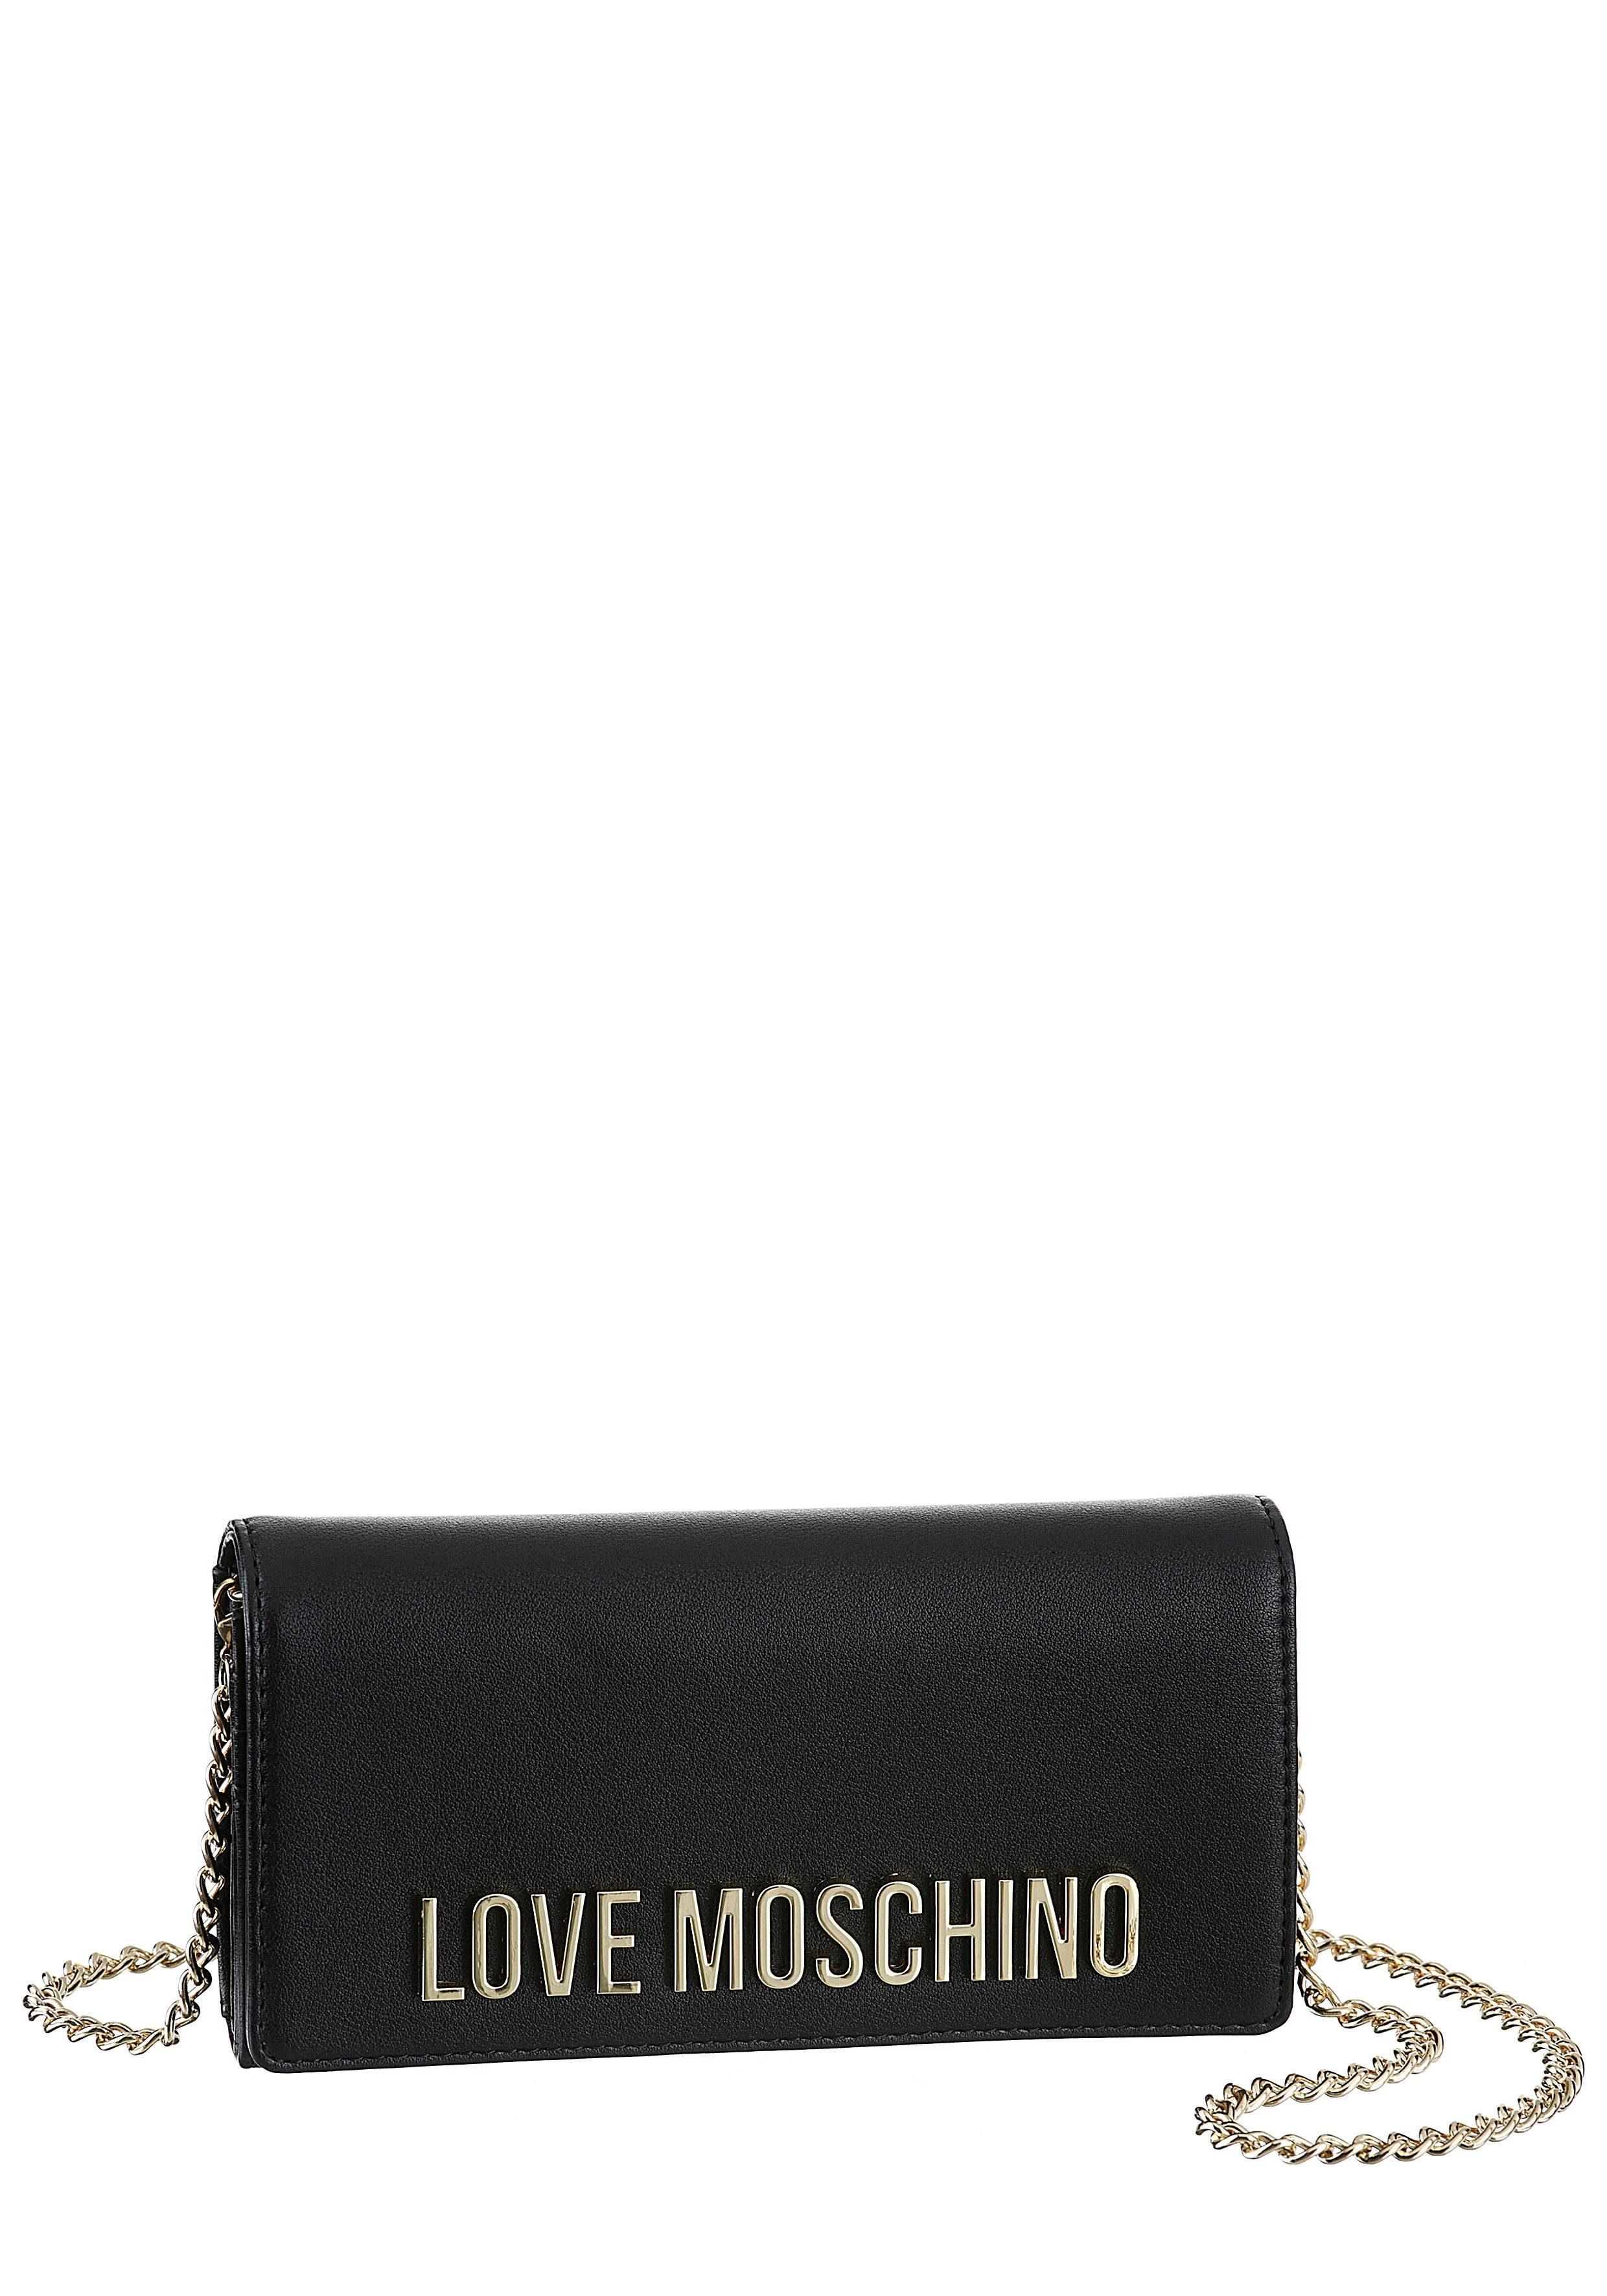 LOVE MOSCHINO Mini Bag, ohne Umhängekette auch als Geldbörse nutzbar